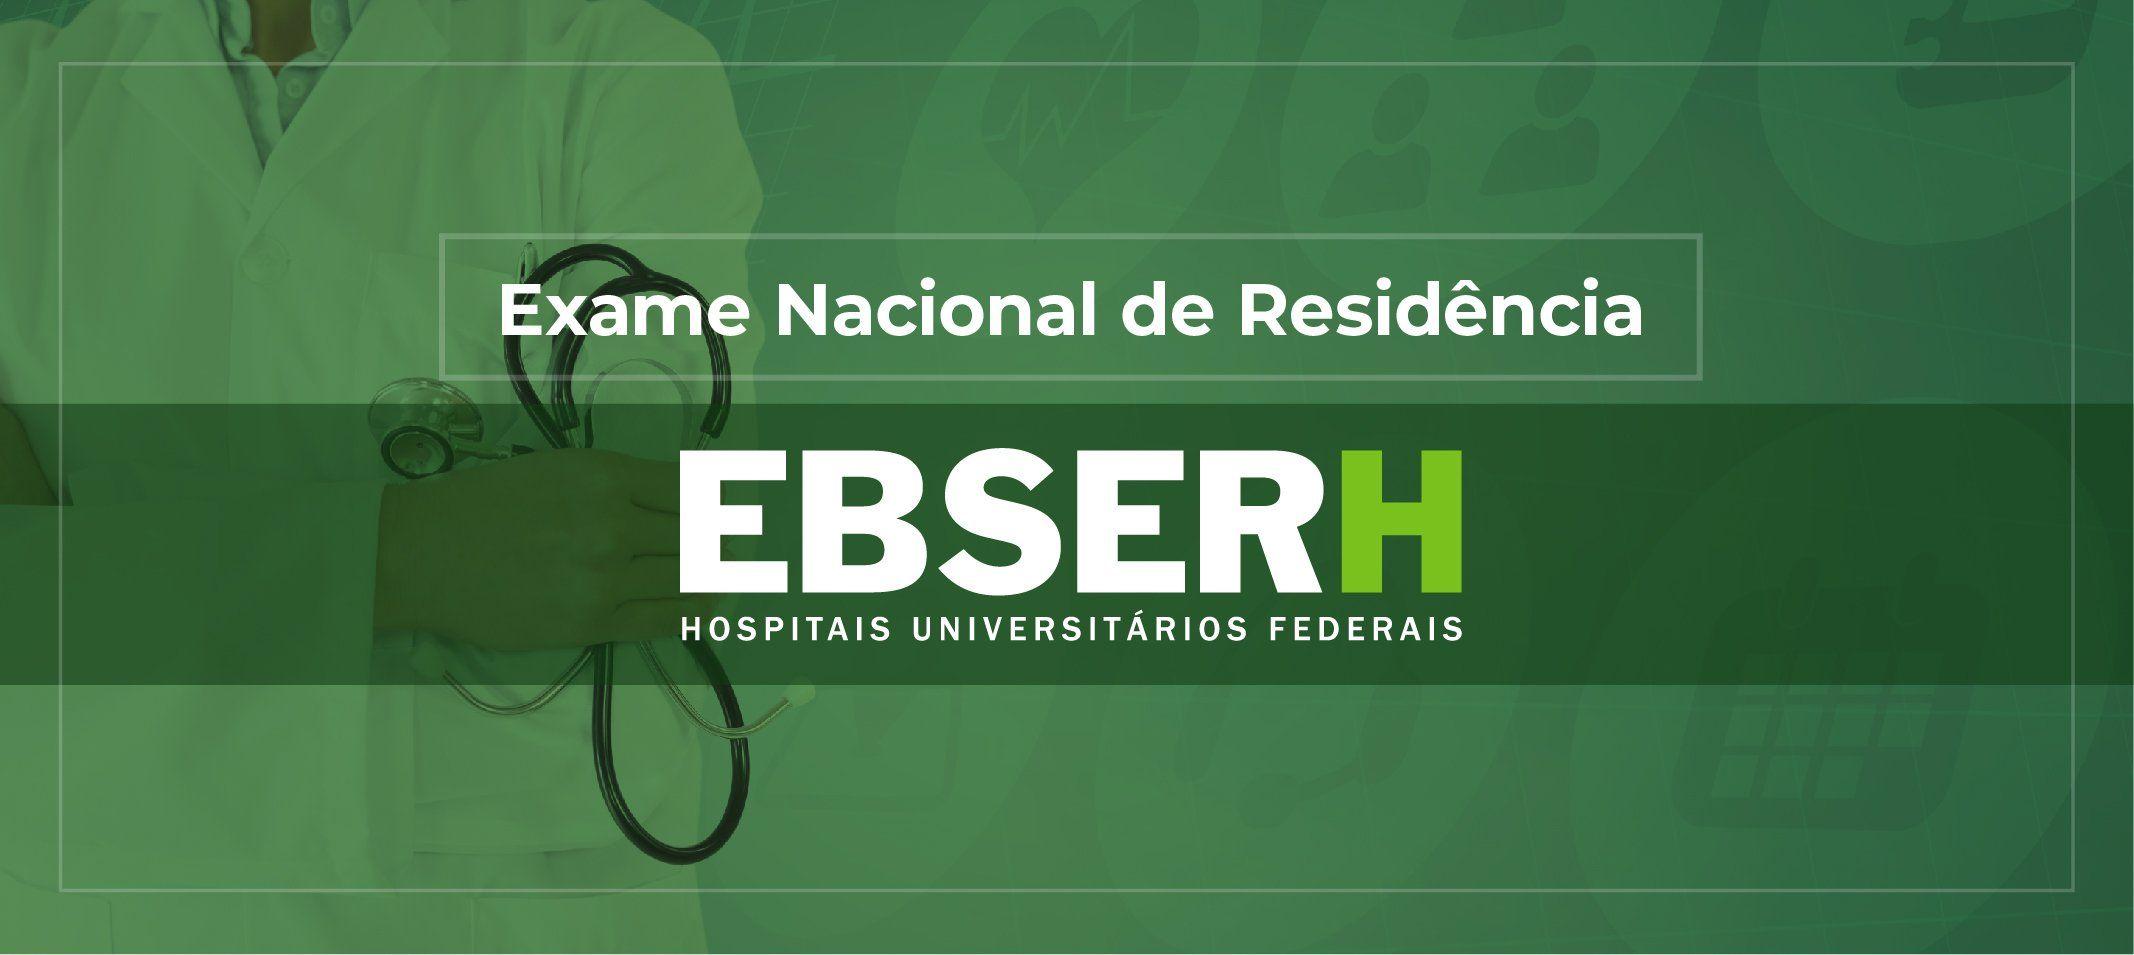 Ministério da Educação lança Exame Nacional de Residência Ebserh (Enare)